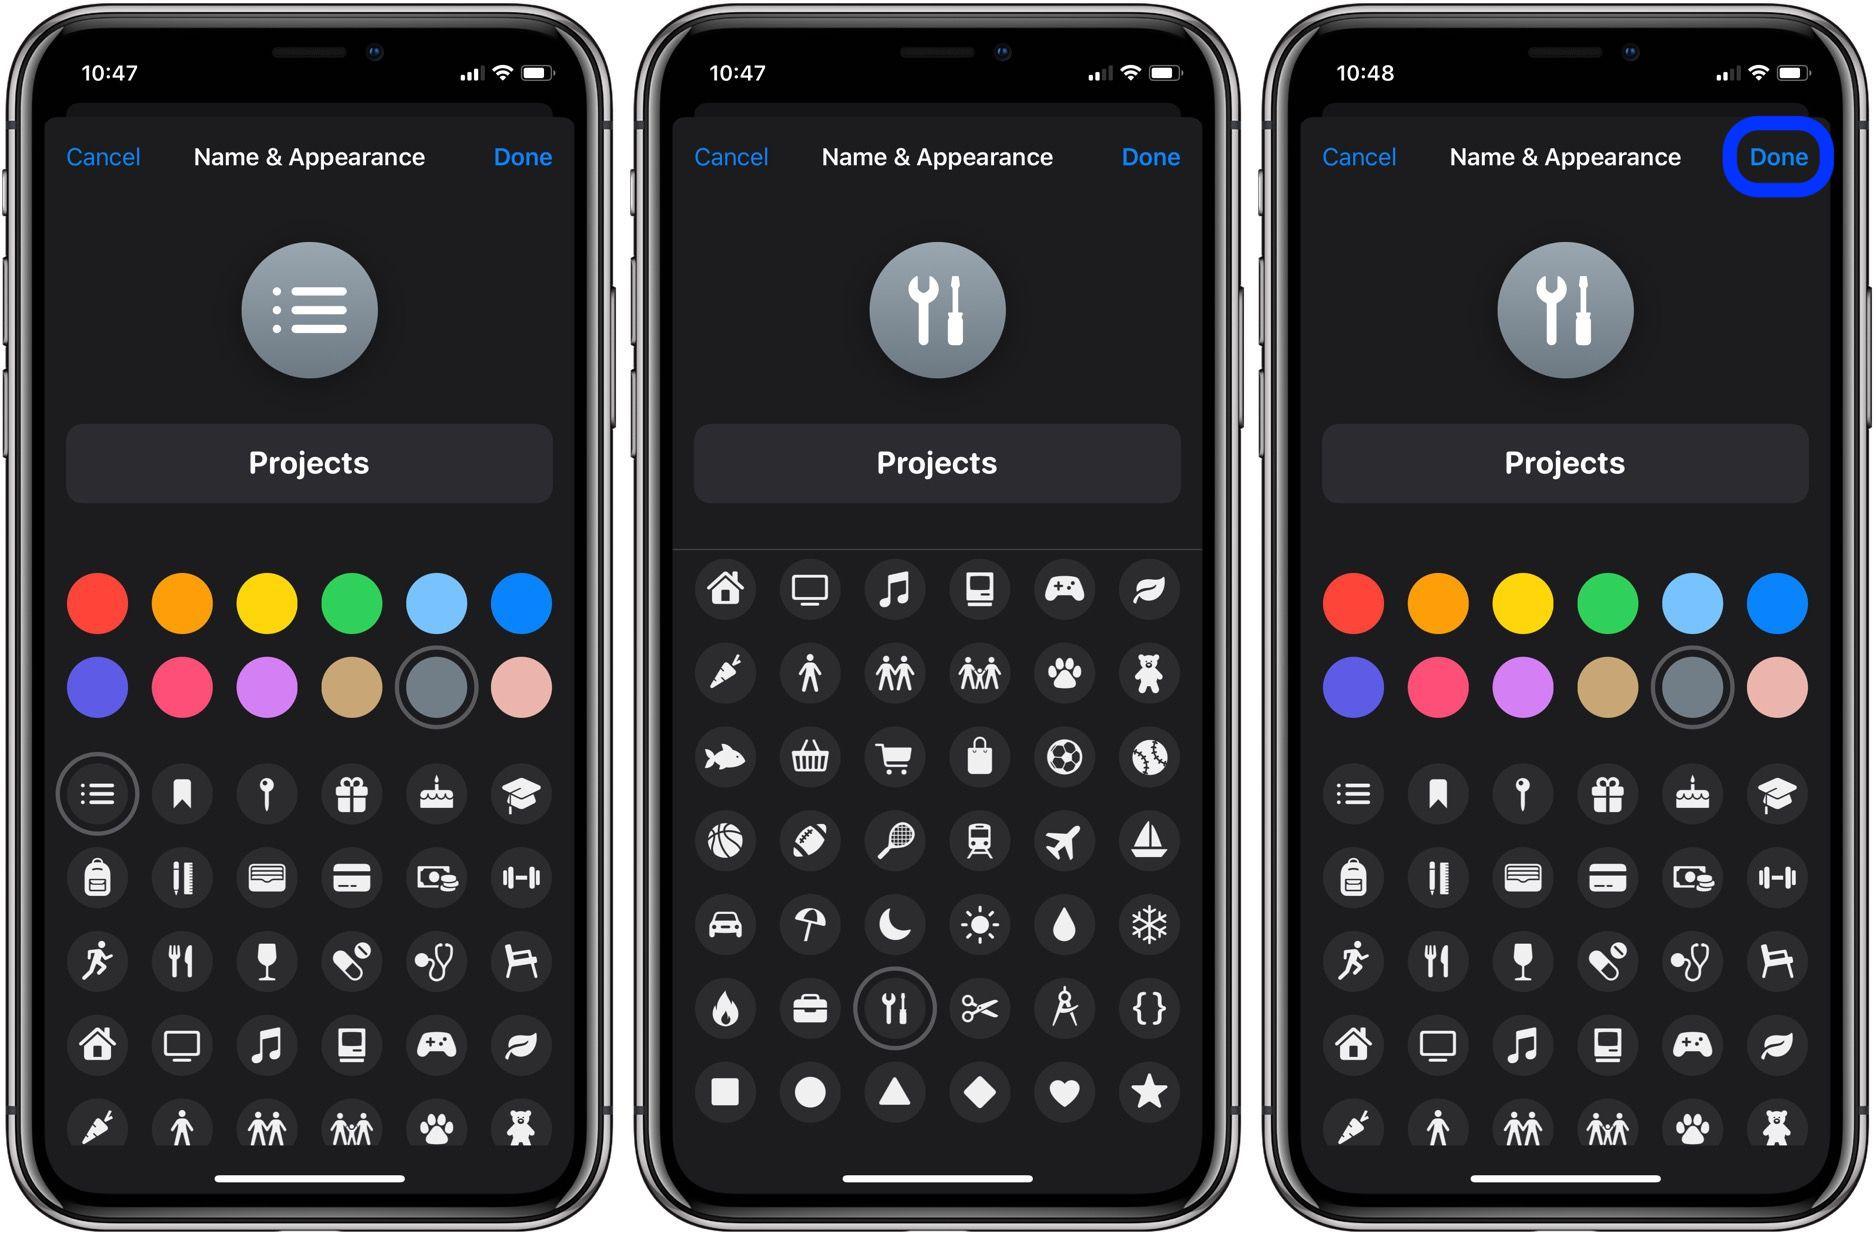 在 iPhone 或 iPad 上如何更改「提醒事项」列表的图标和颜色?